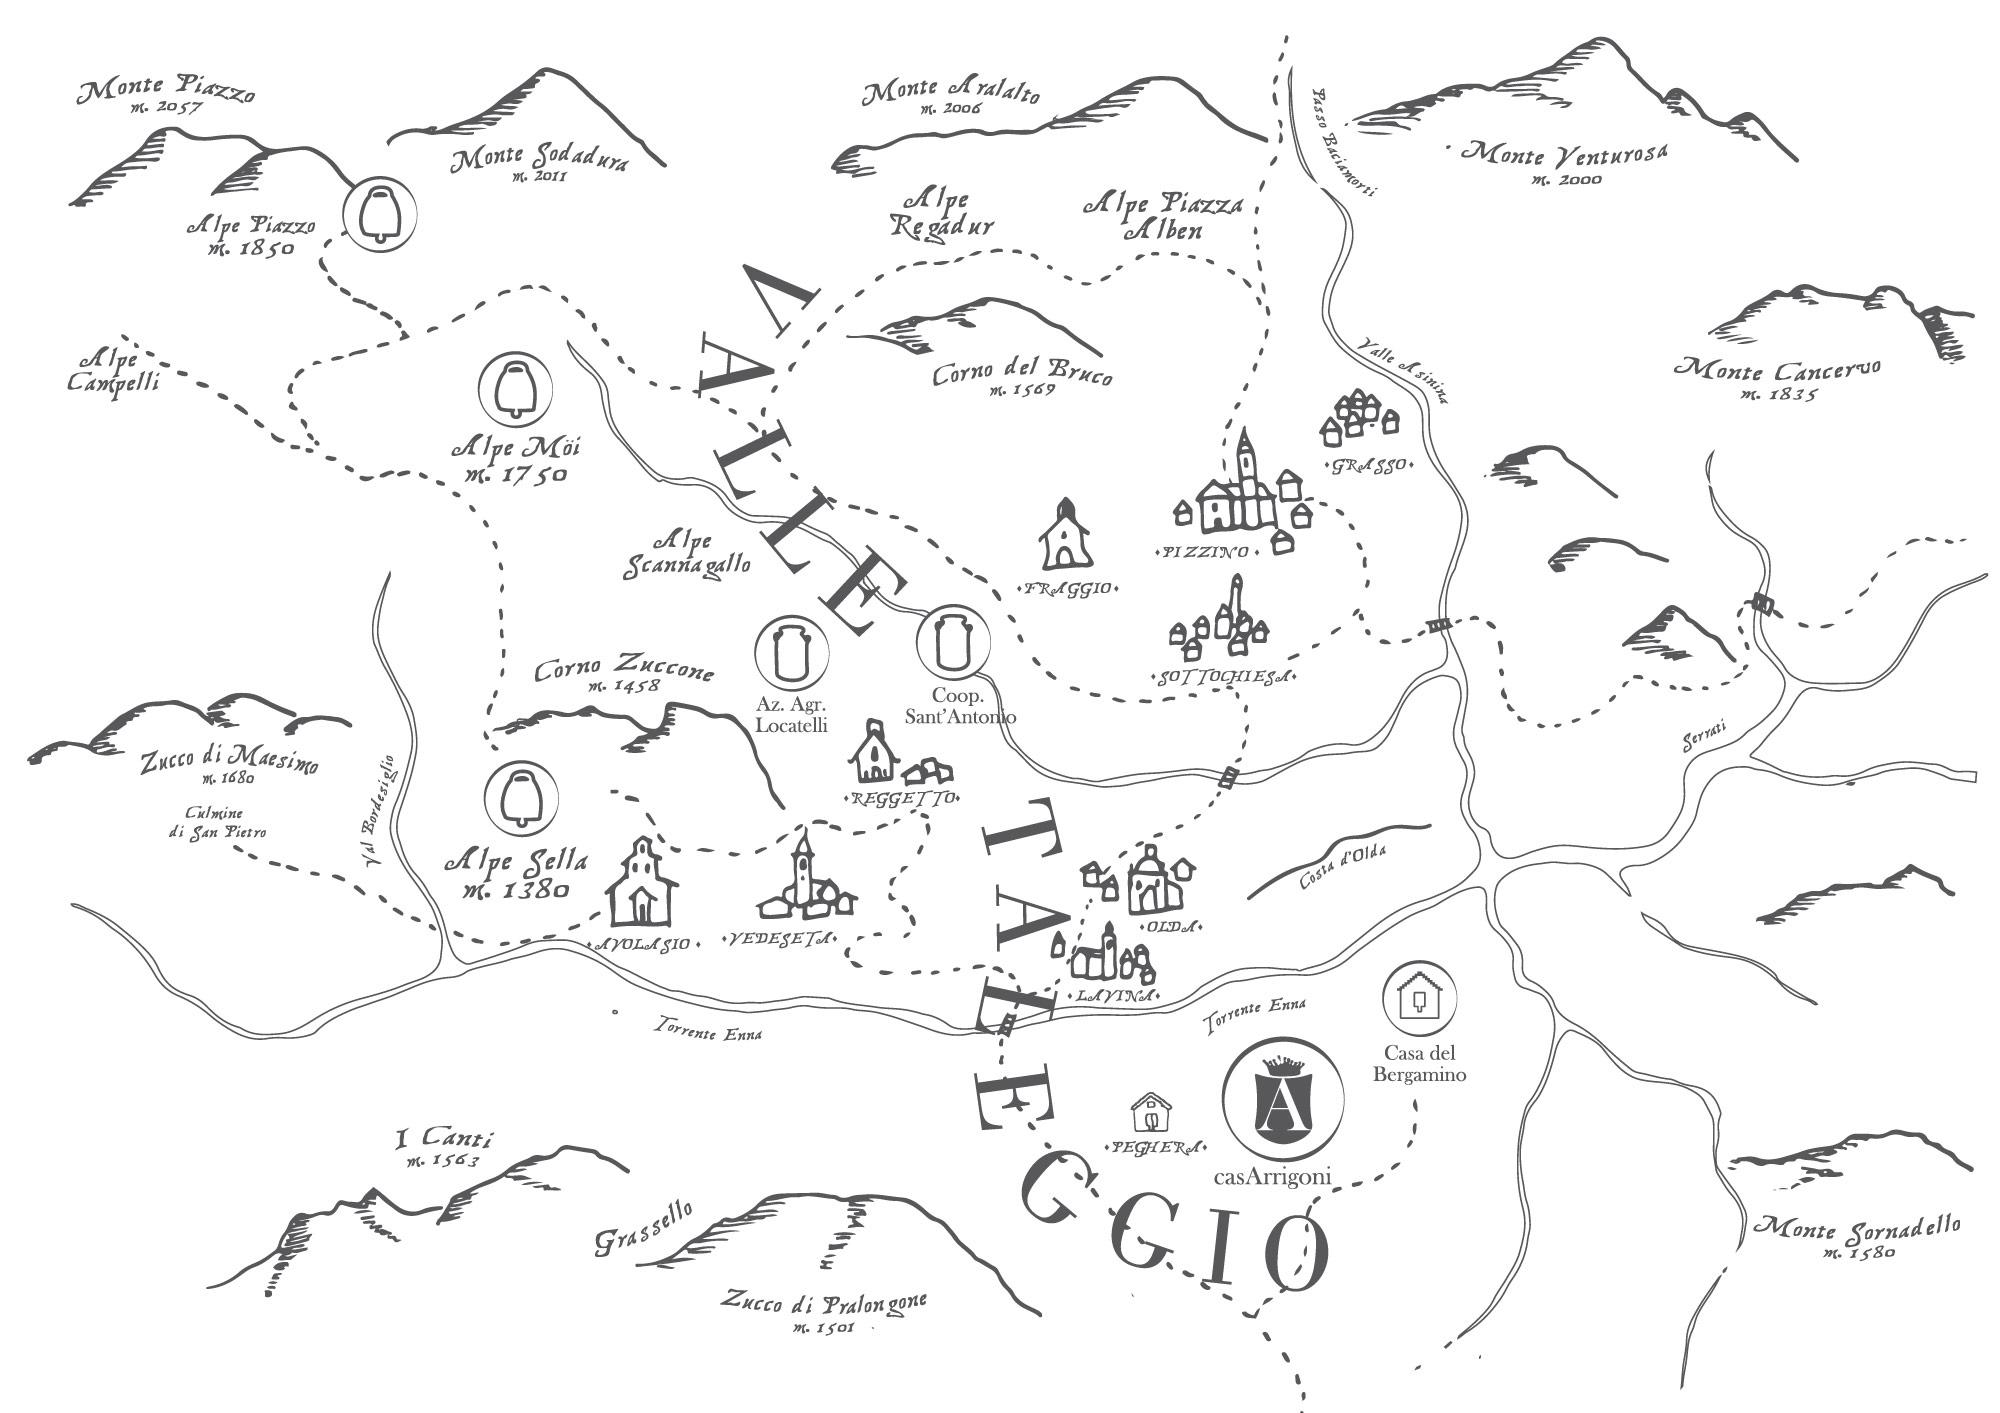 Mappa della Valtaleggio casArrigoni